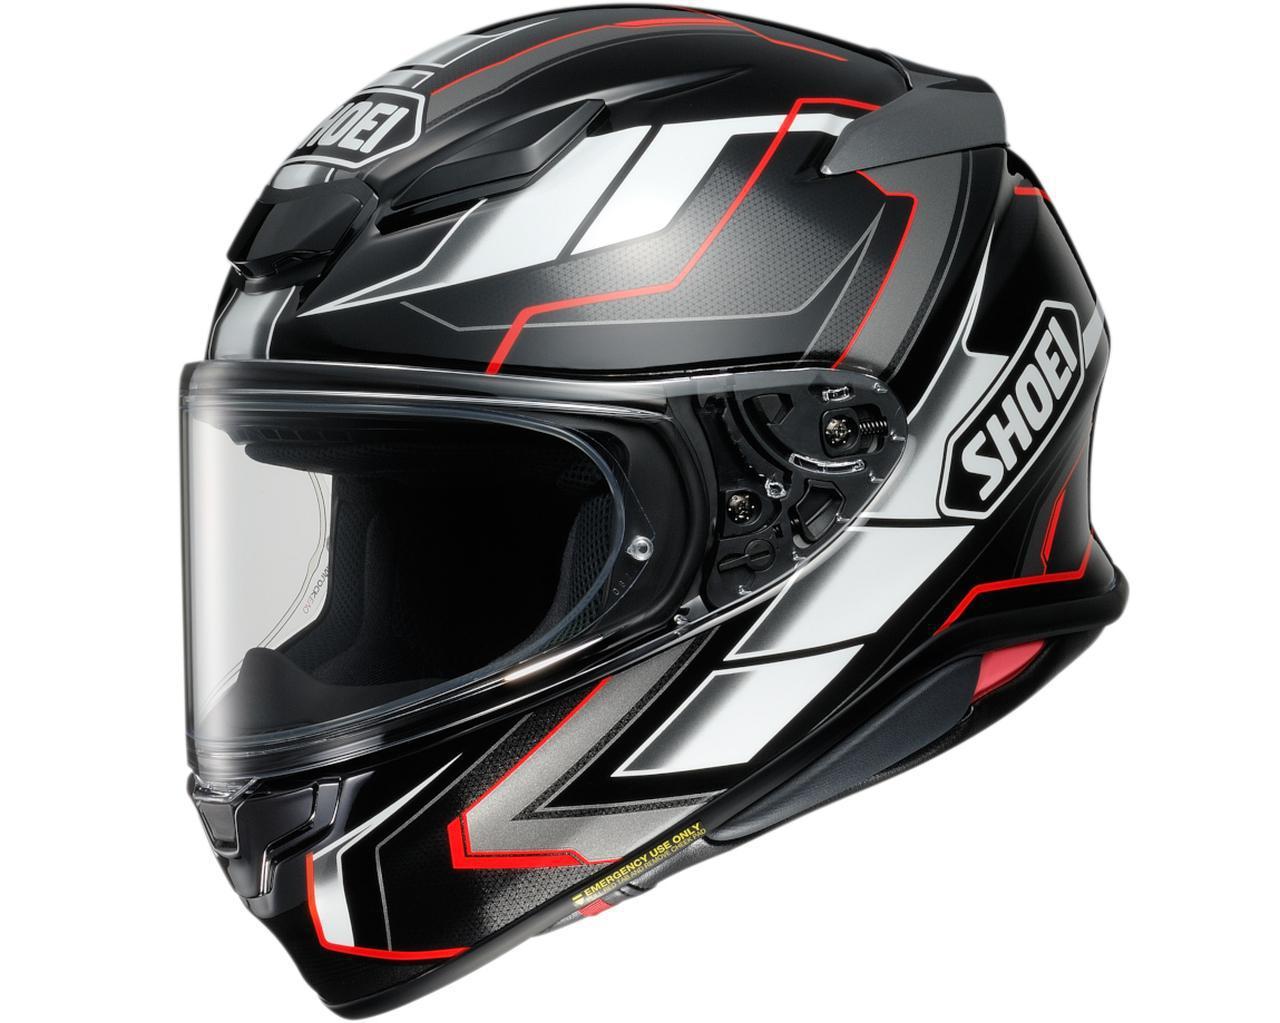 画像26: SHOEIの新型ヘルメット「Z-8」グラフィックモデル・まとめ|2021年5月末までに6モデル計13種のカラーが登場